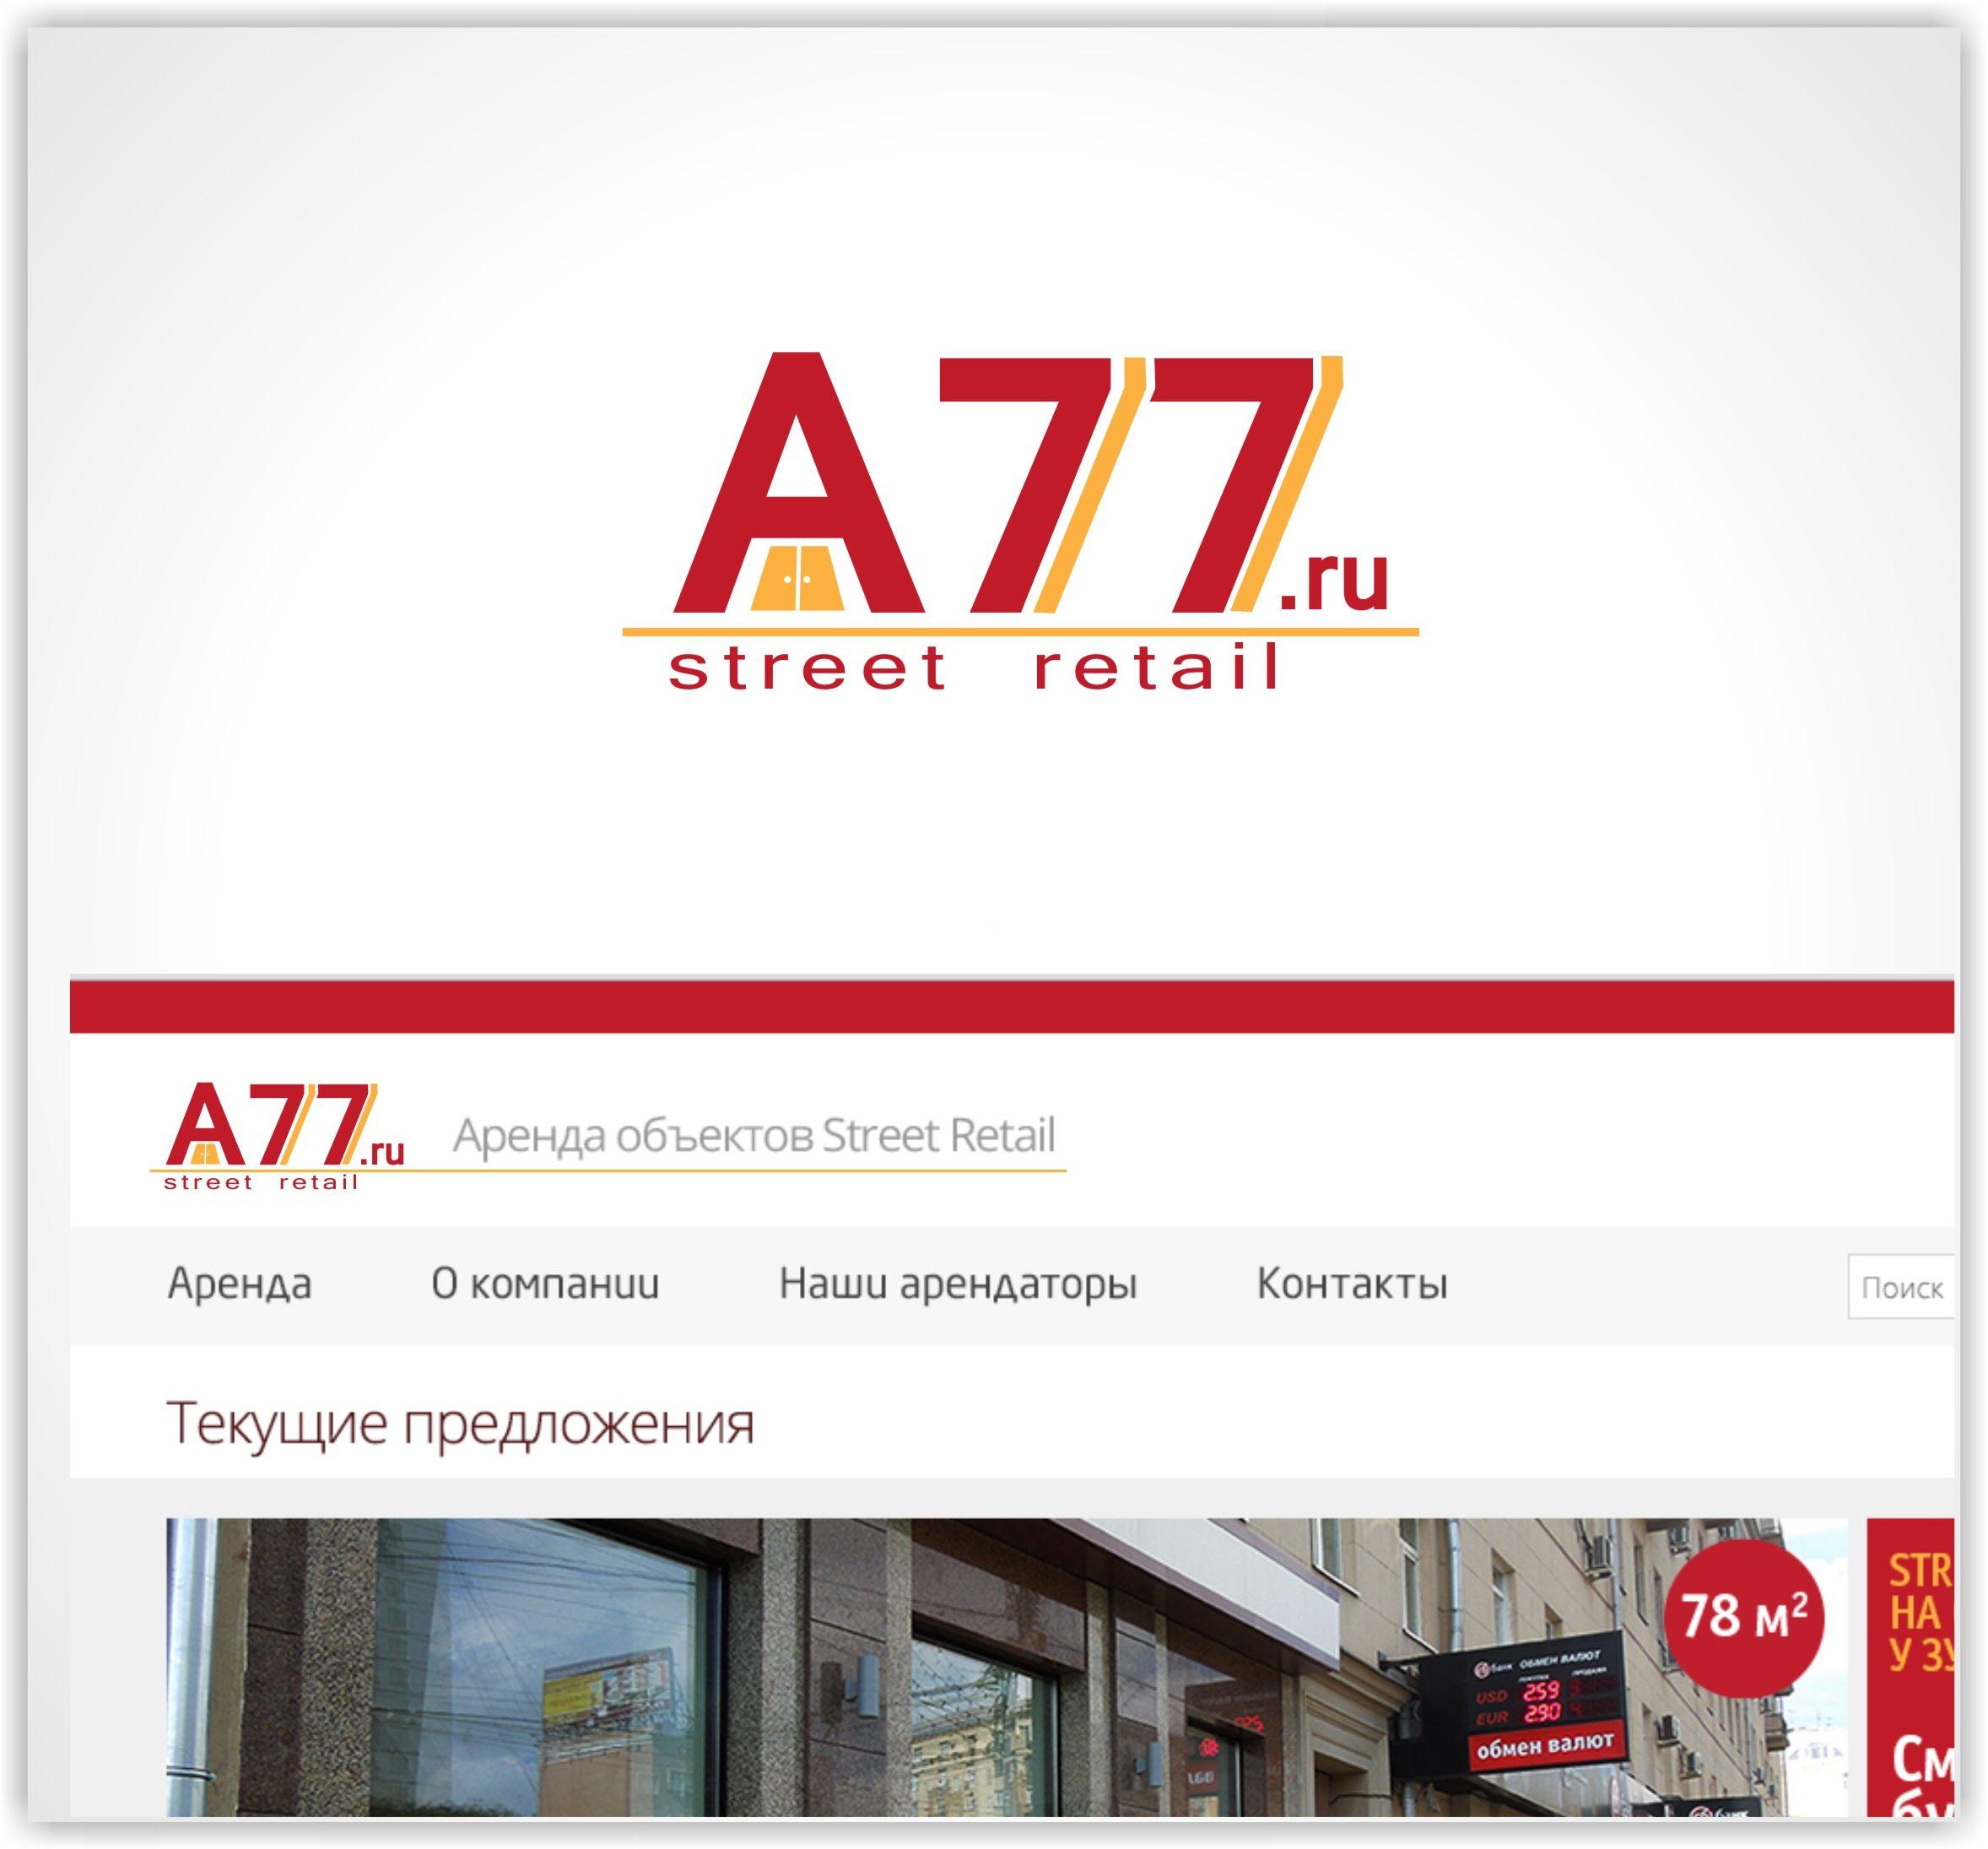 Лого для сайта по коммерческой недвижимости A77.RU - дизайнер malito